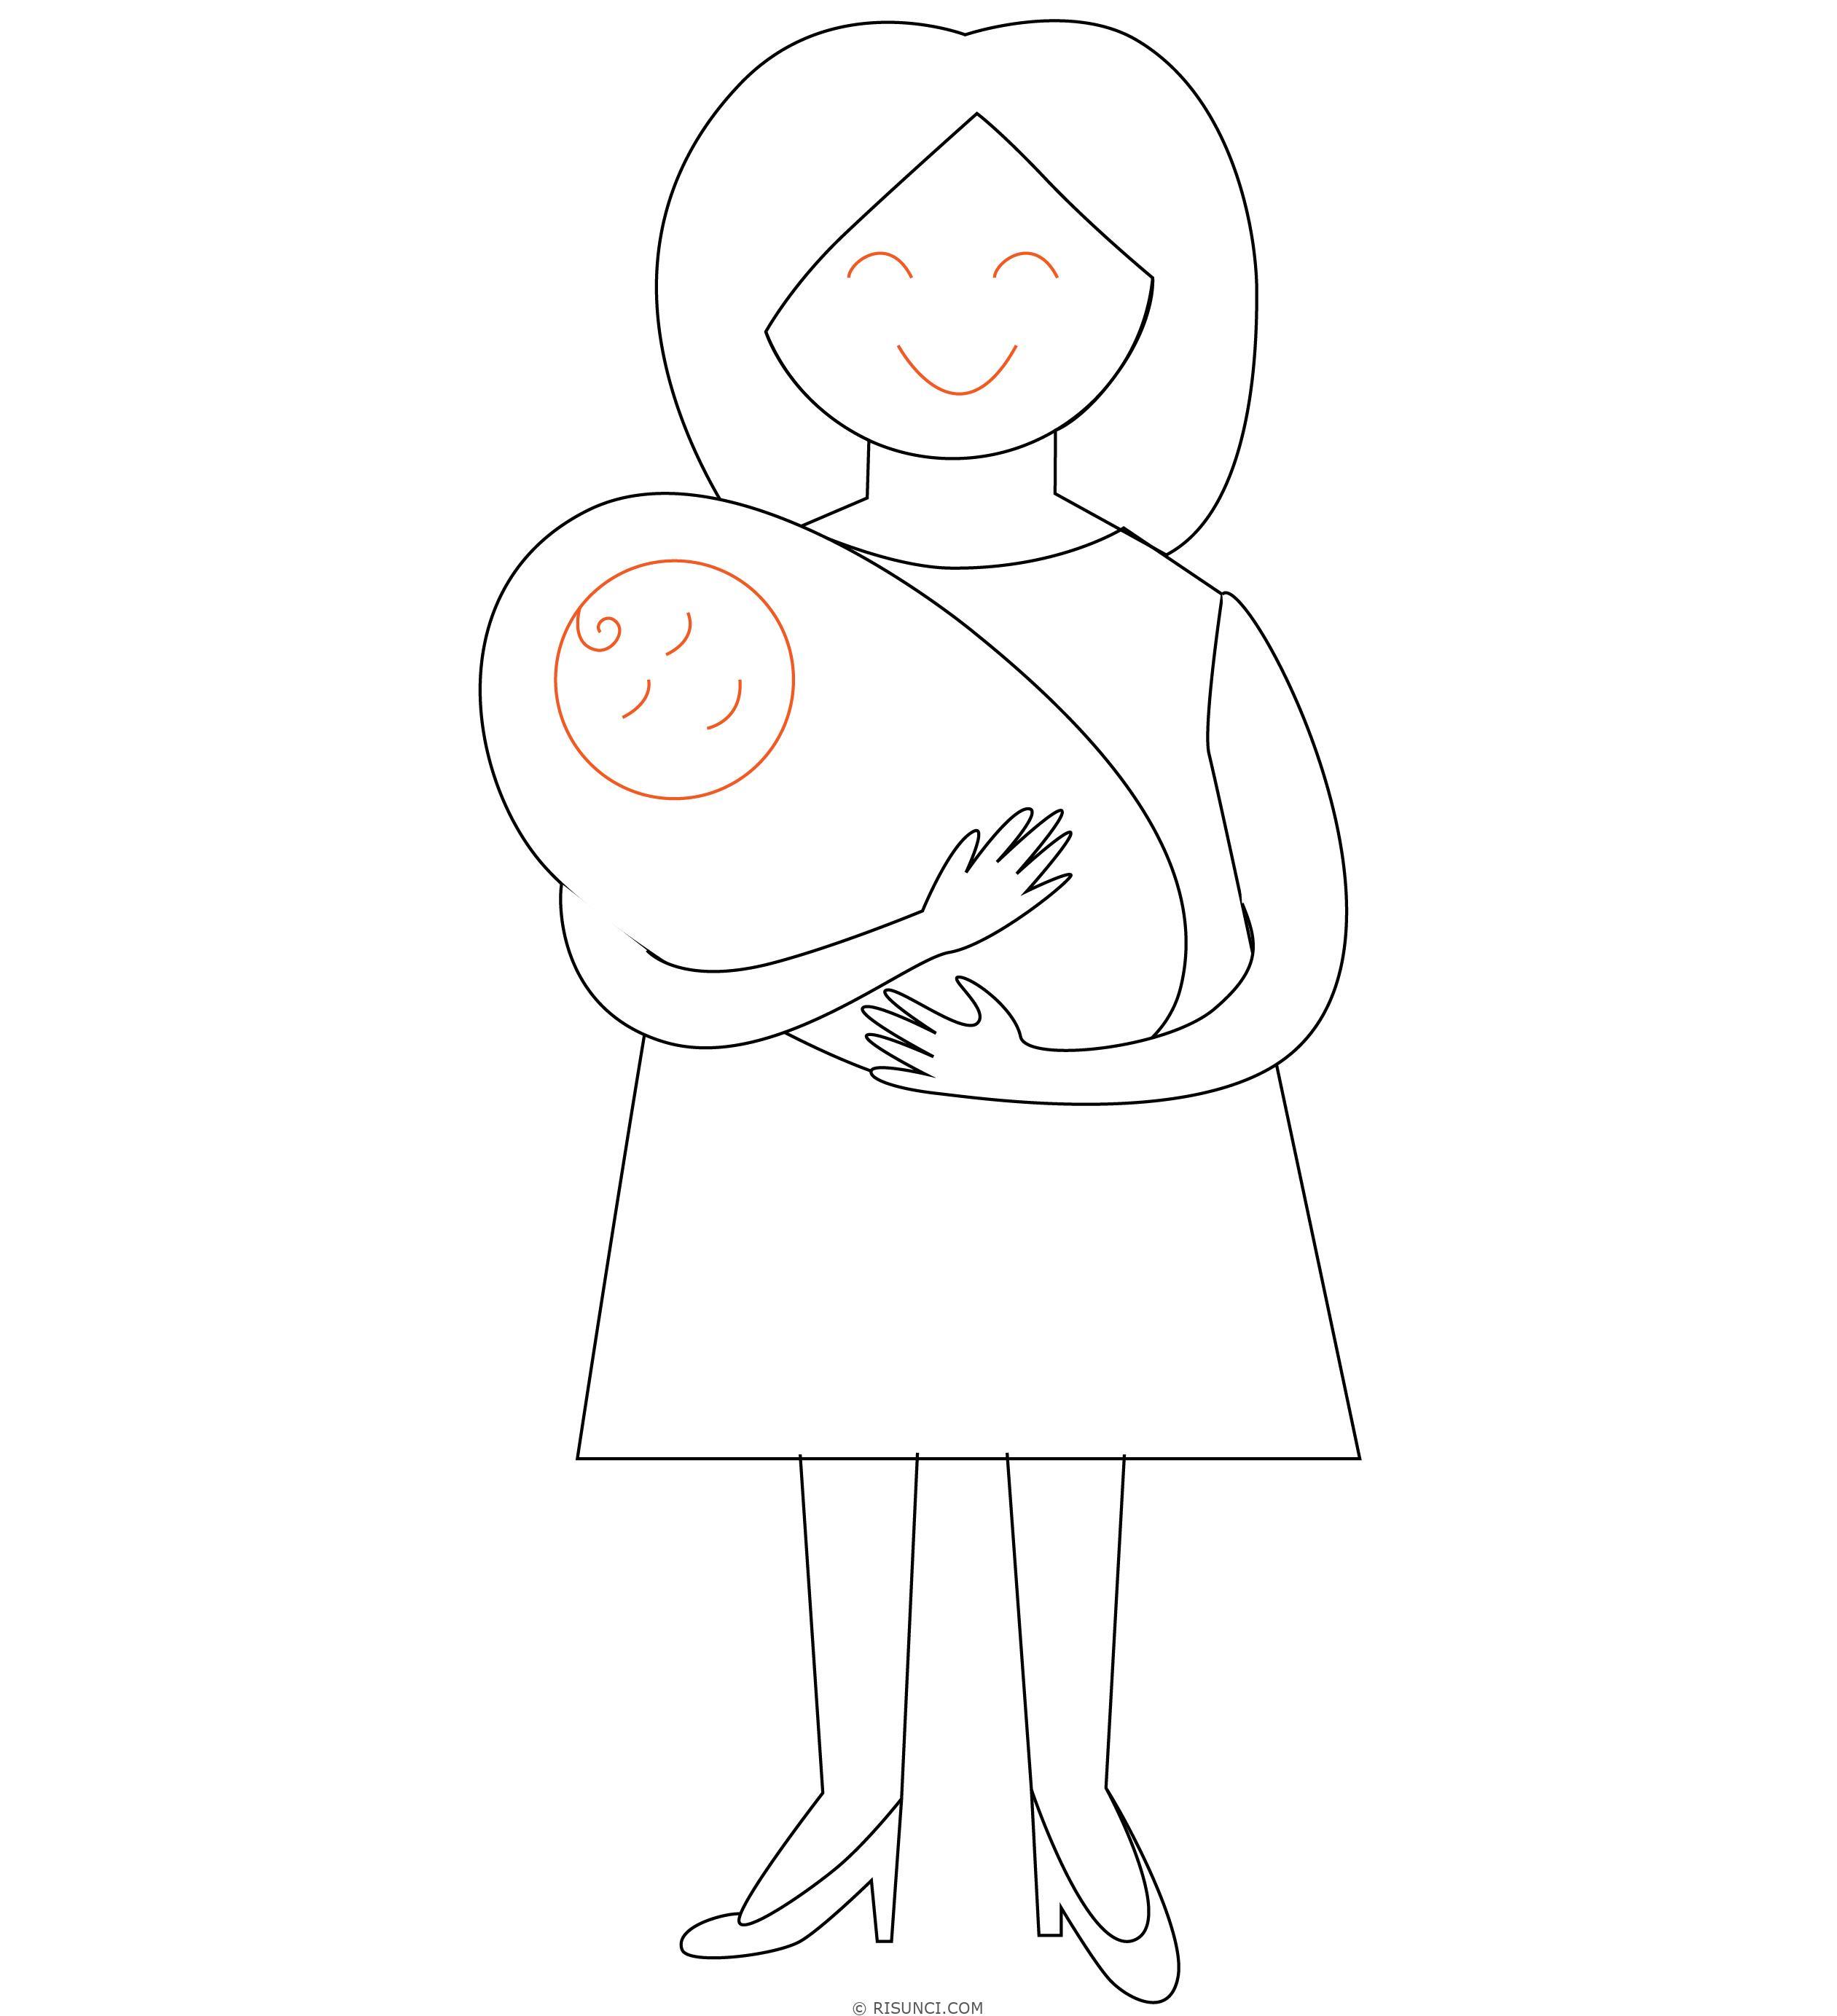 Смешные, картинка для мамы просто так нарисовать